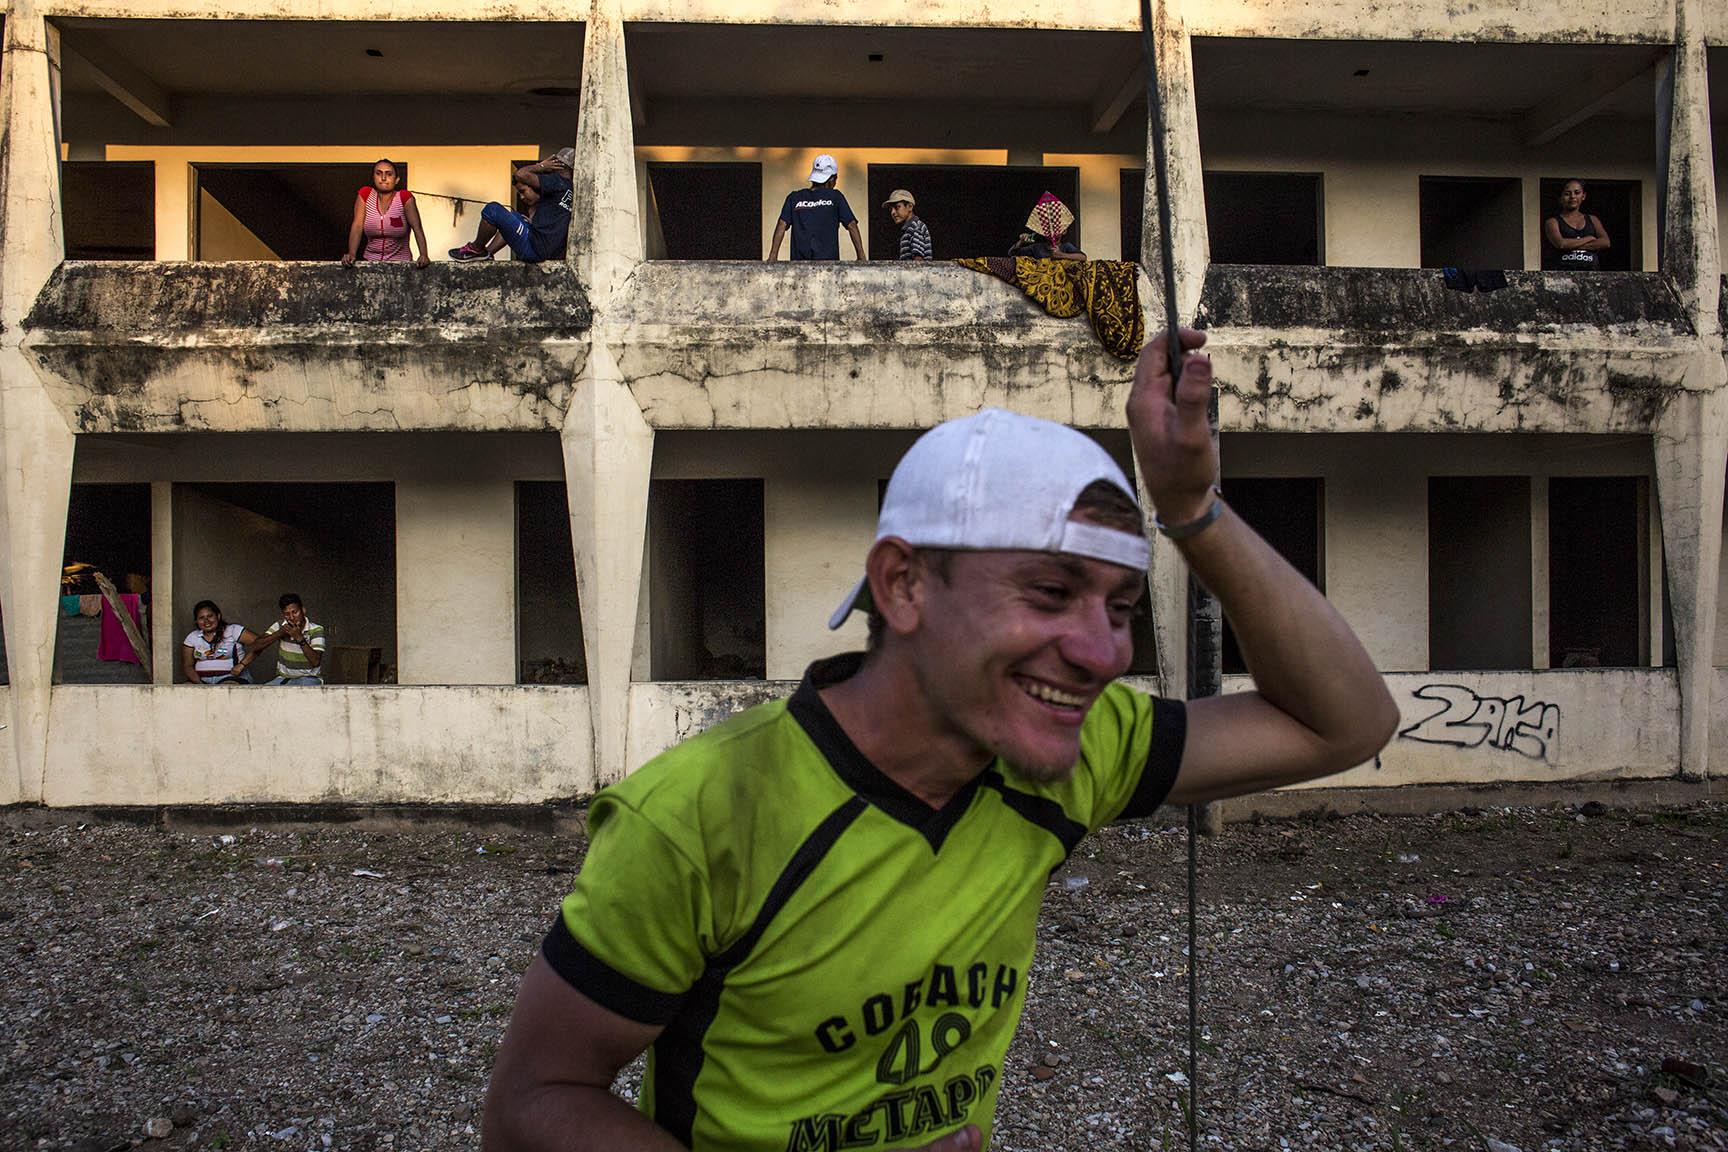 La fachada del hotel abandonado, poblado, por una tarde, por cientos de migrantes / Simone Dalmasso